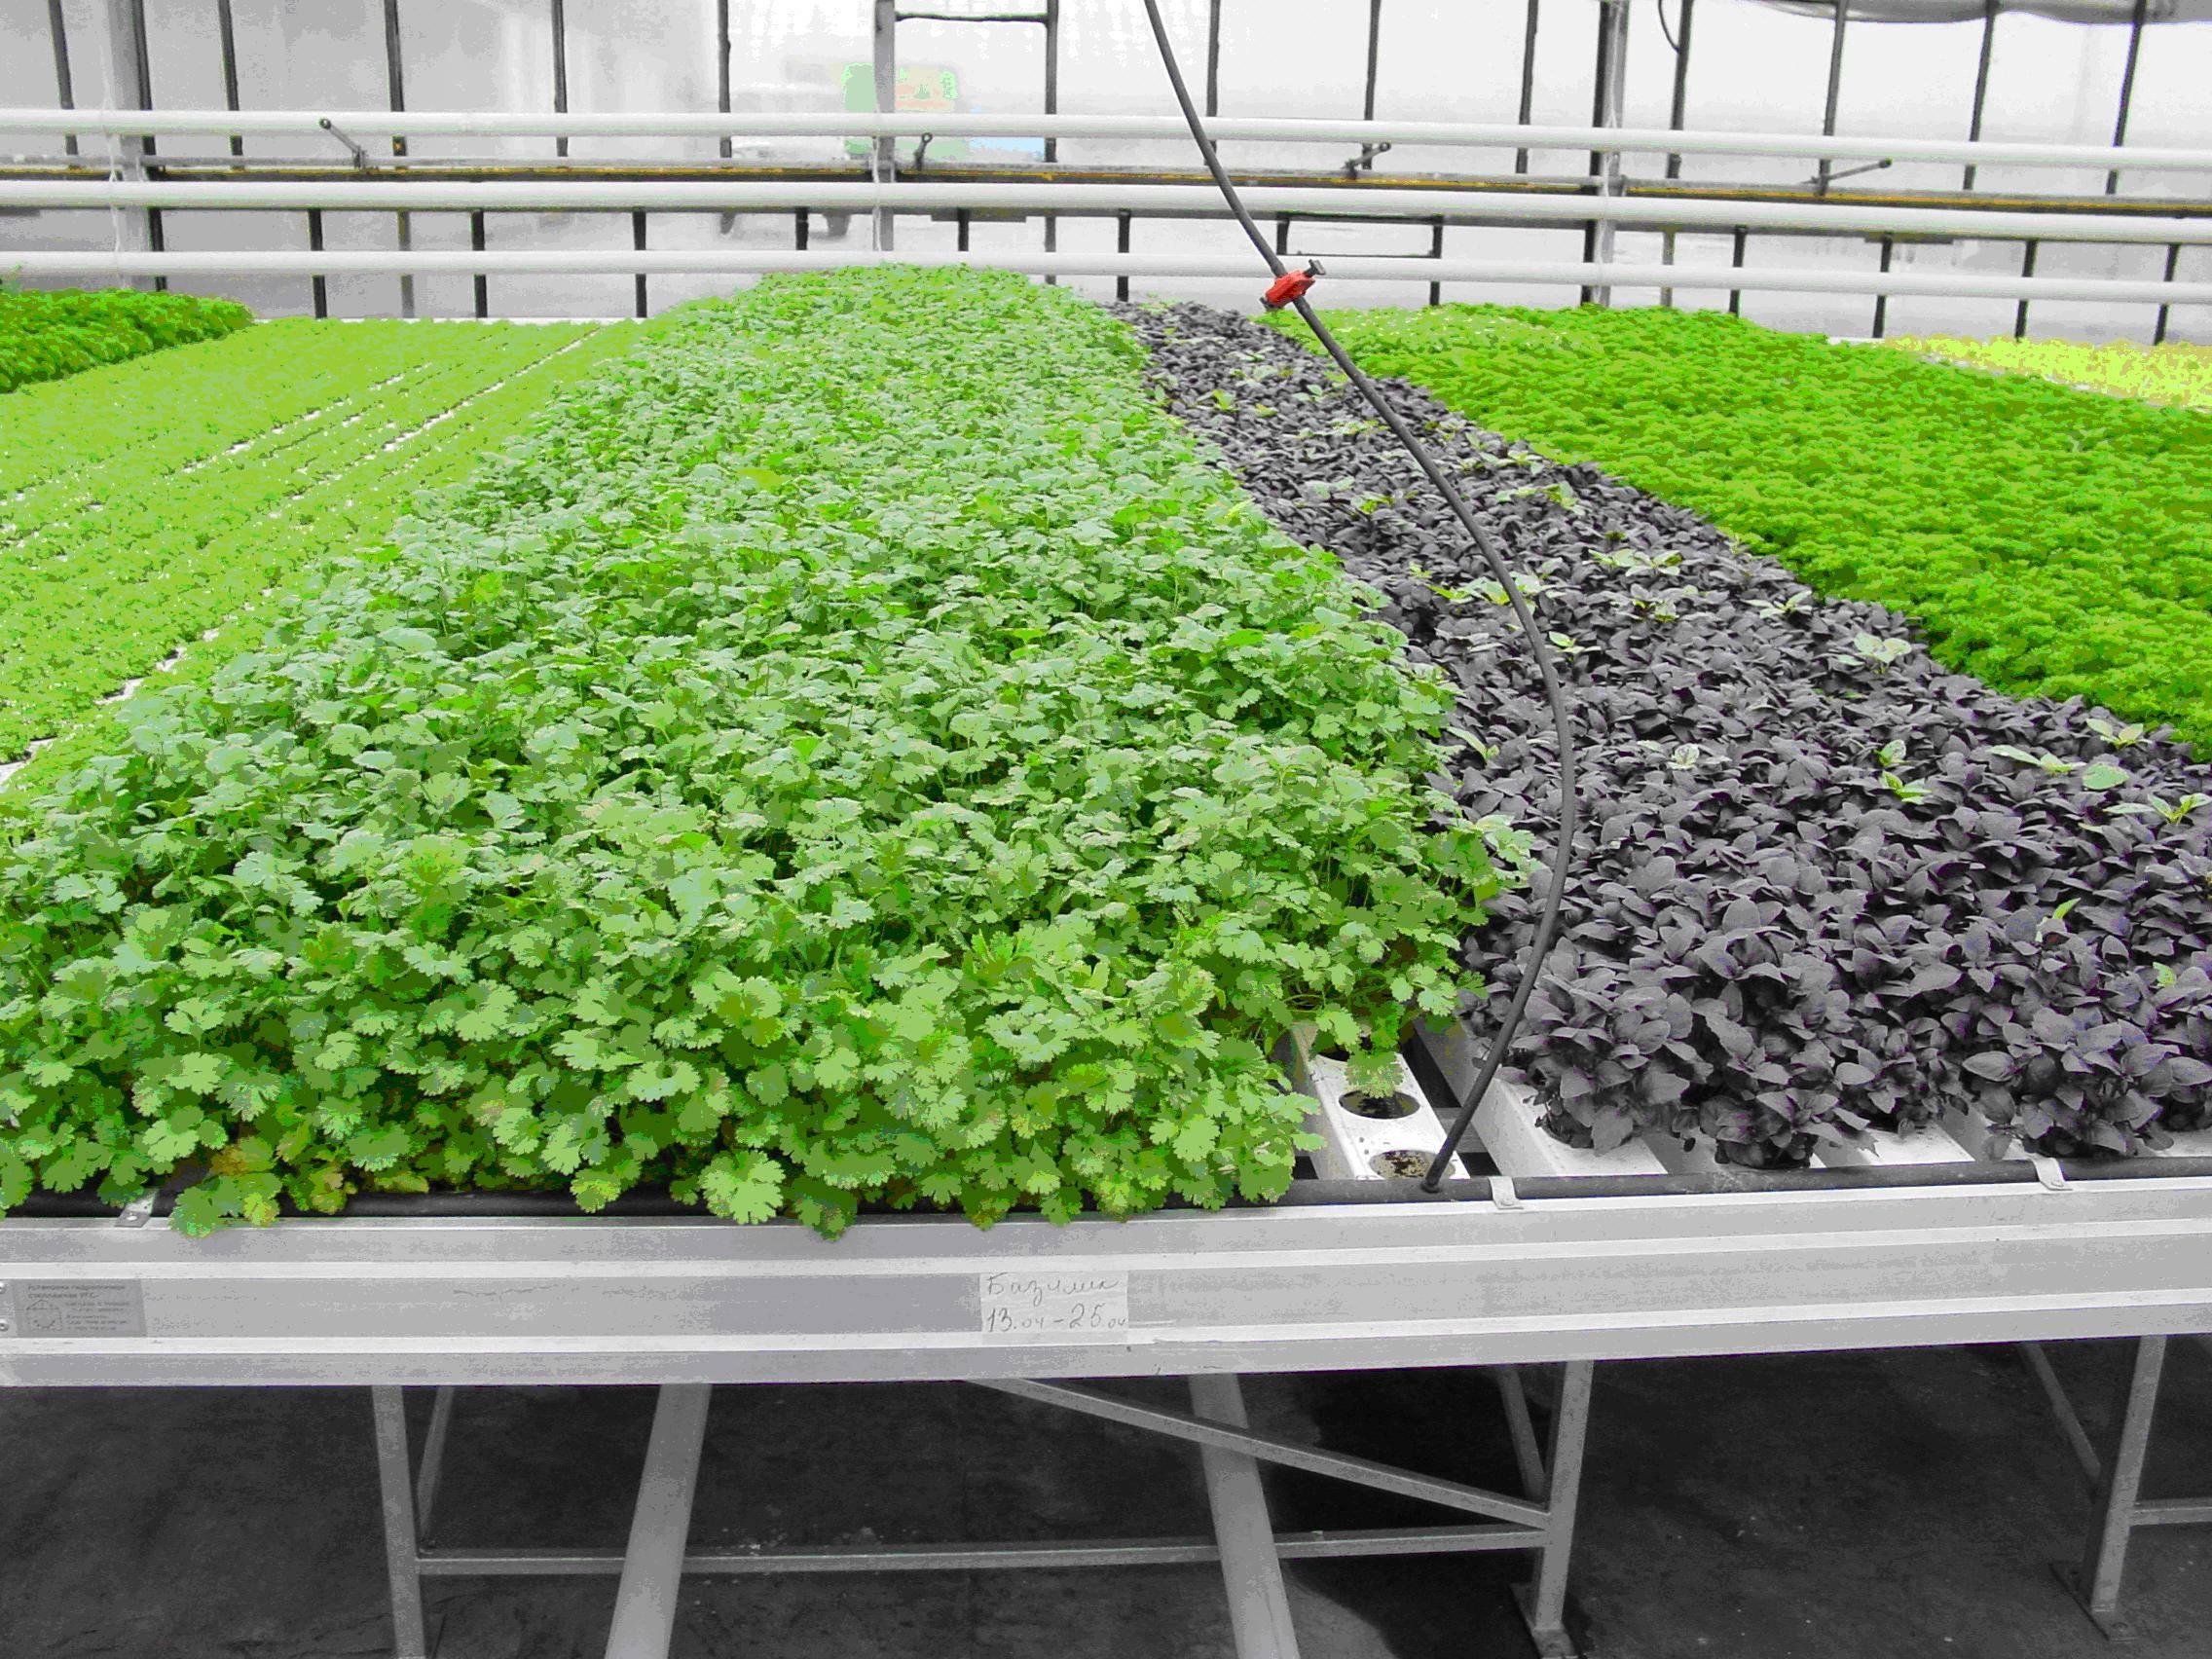 Выращивание салата-латук: как посадить семенами и другим способом, как ухаживать за урожаем и защищать от болезней и вредителей, является ли луком, а также фото русский фермер